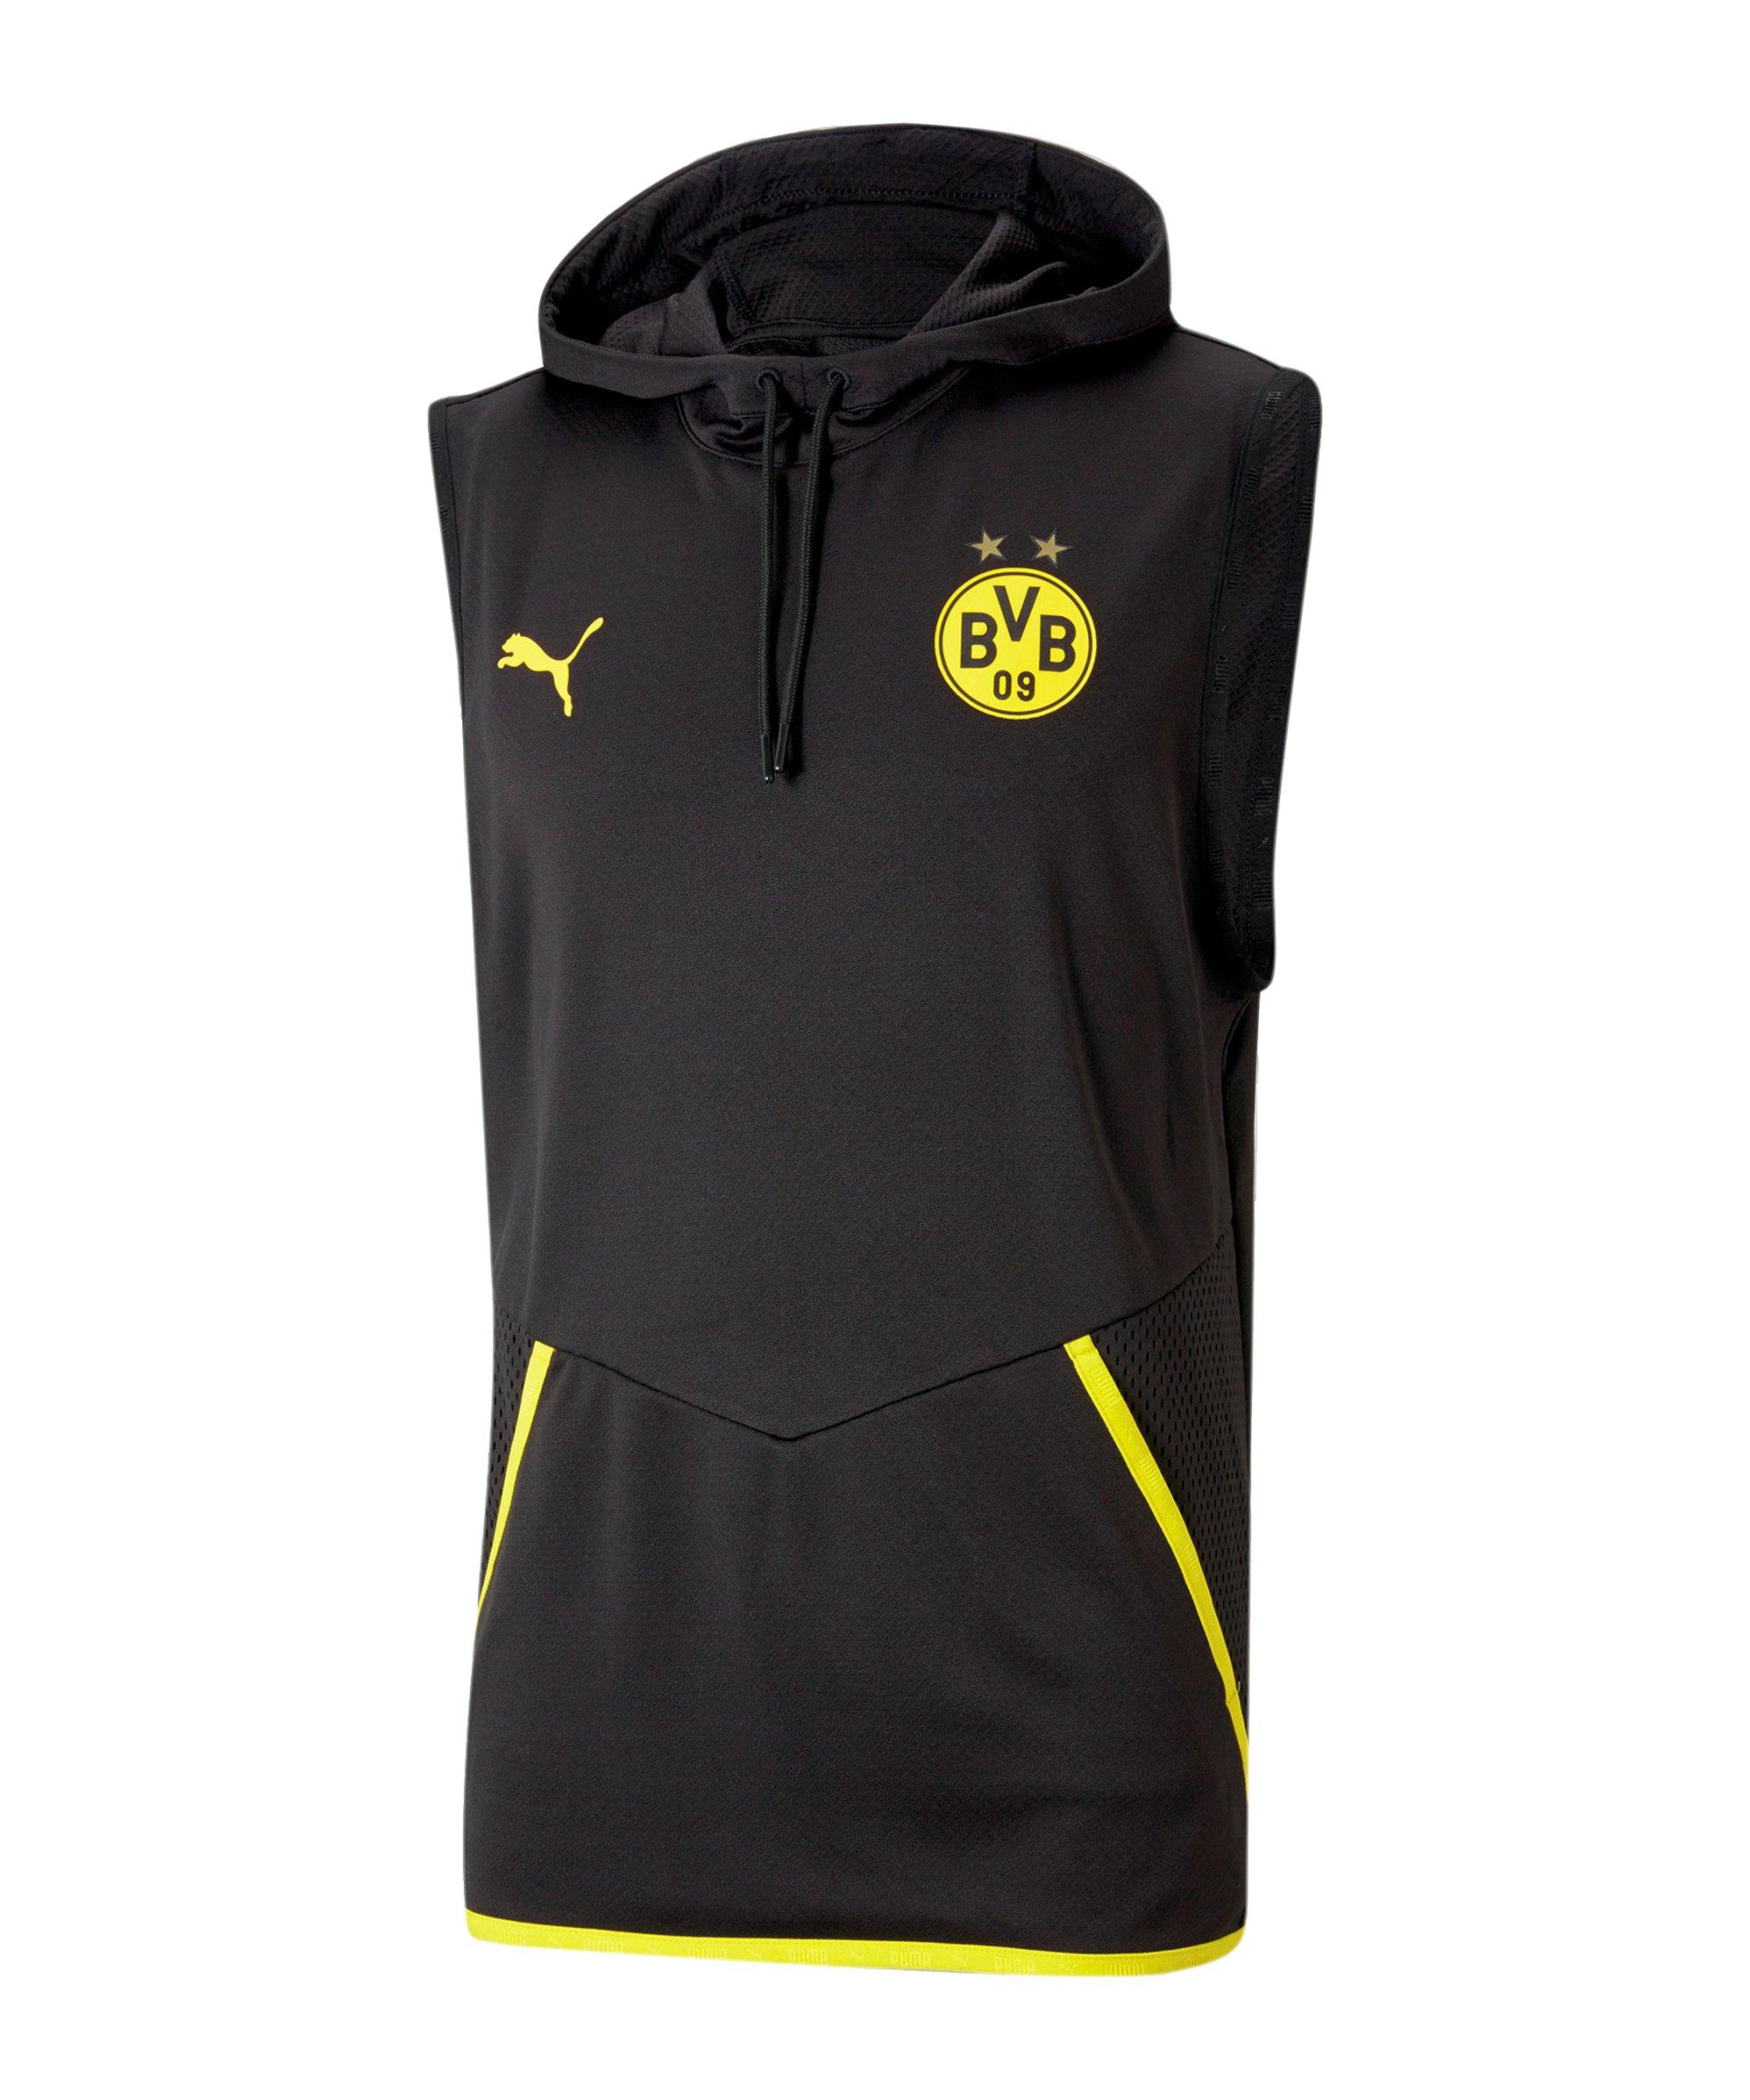 PUMA BVB Dortmund Warmup Hoody Schwarz F02 - schwarz